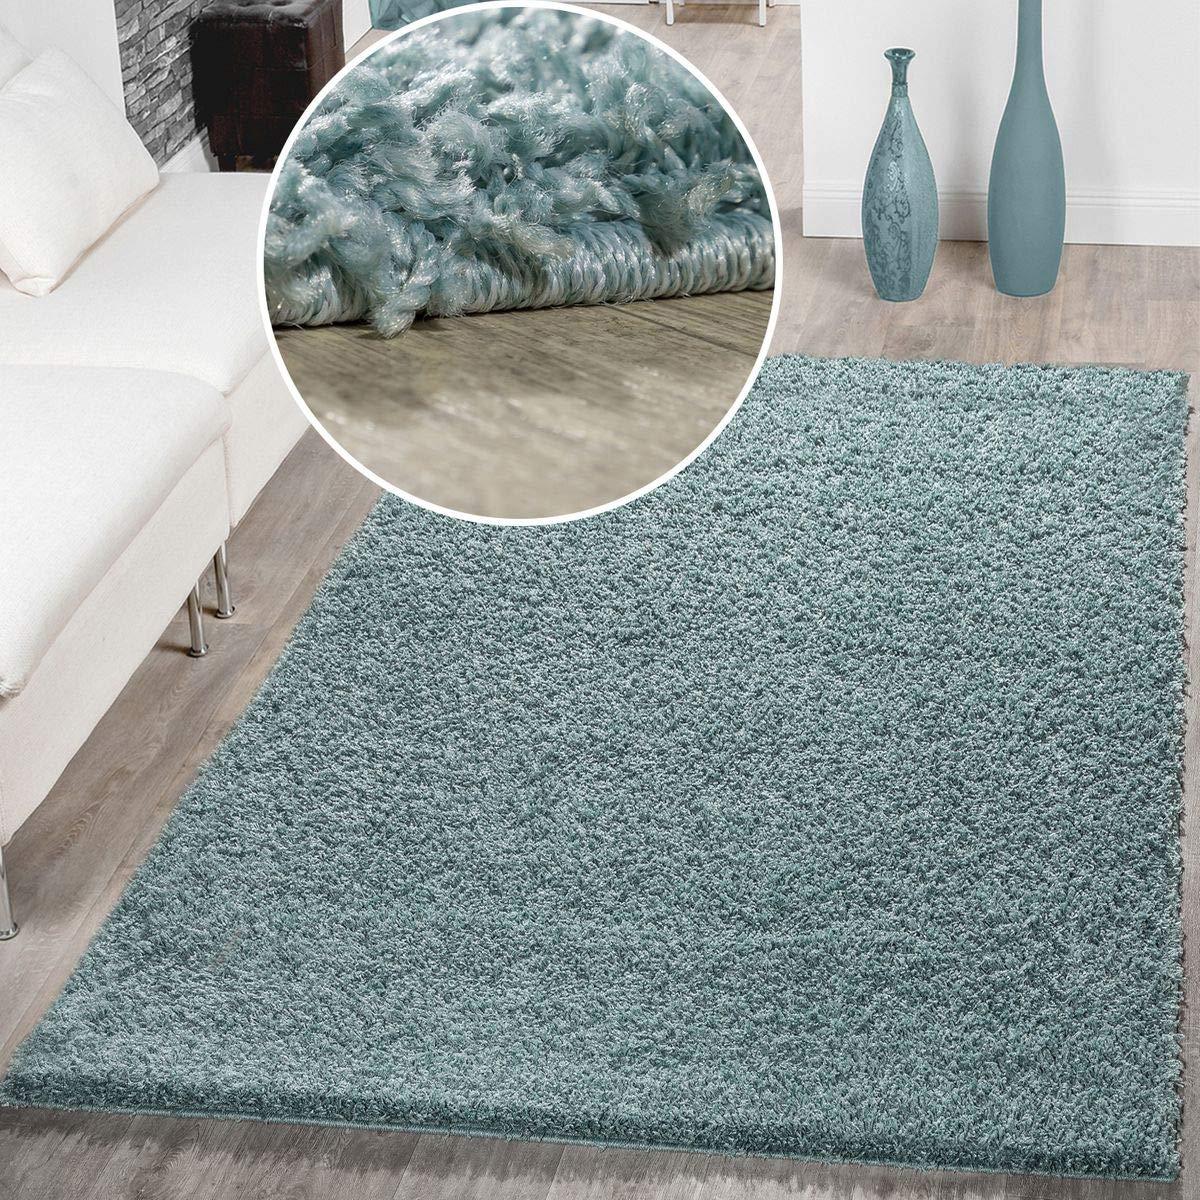 T&T Design Moderner Hochflor Teppich Shaggy Einfarbig Dicht Dicht Dicht Gewebt Qualität Pastell Türkis, Größe 200x280 cm B01MUE04PZ Teppiche 951f9b